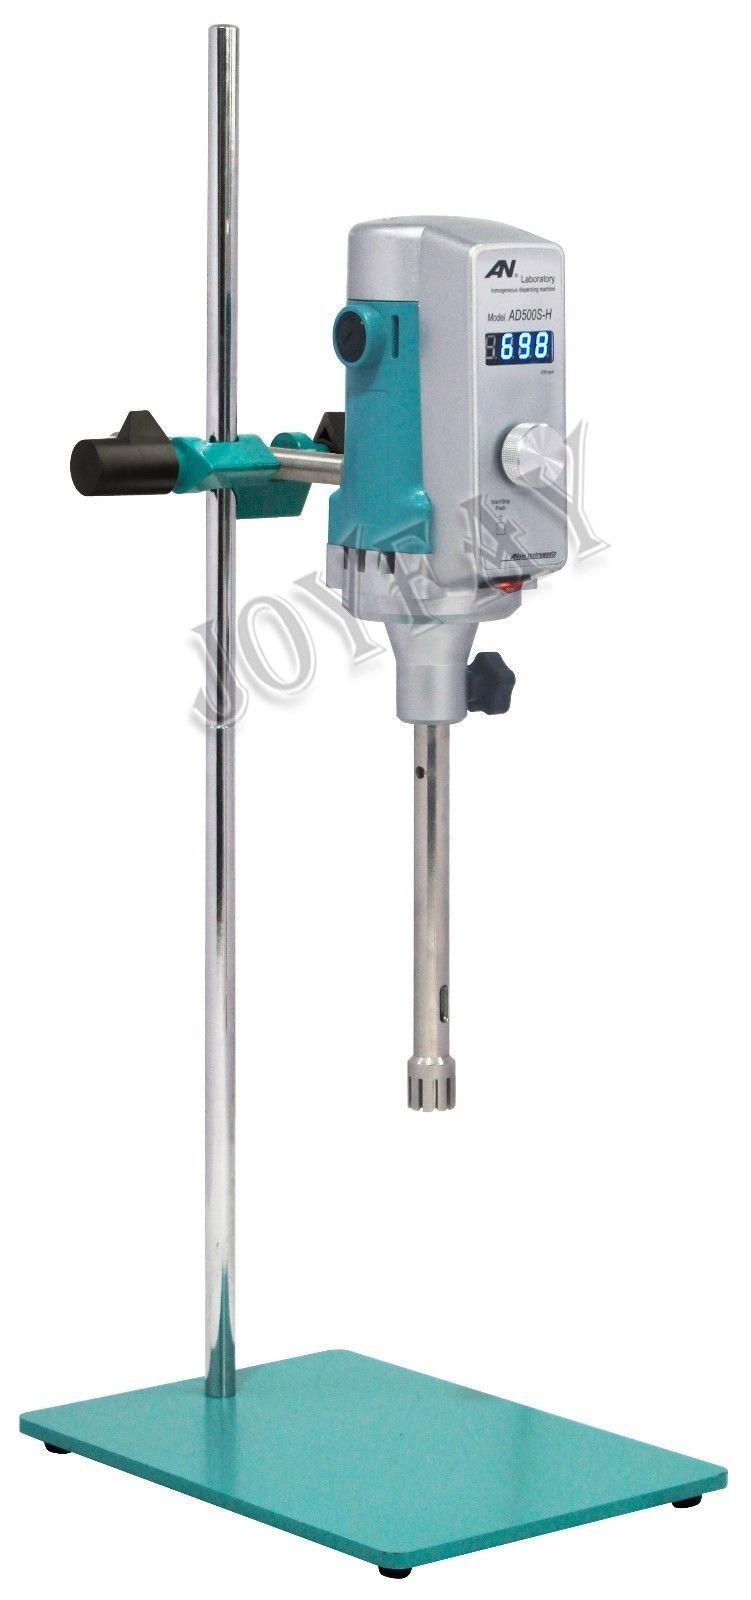 High Shear Mixer Homogenizer Disperser AD500S-H Digital 200028000 rpm SS316